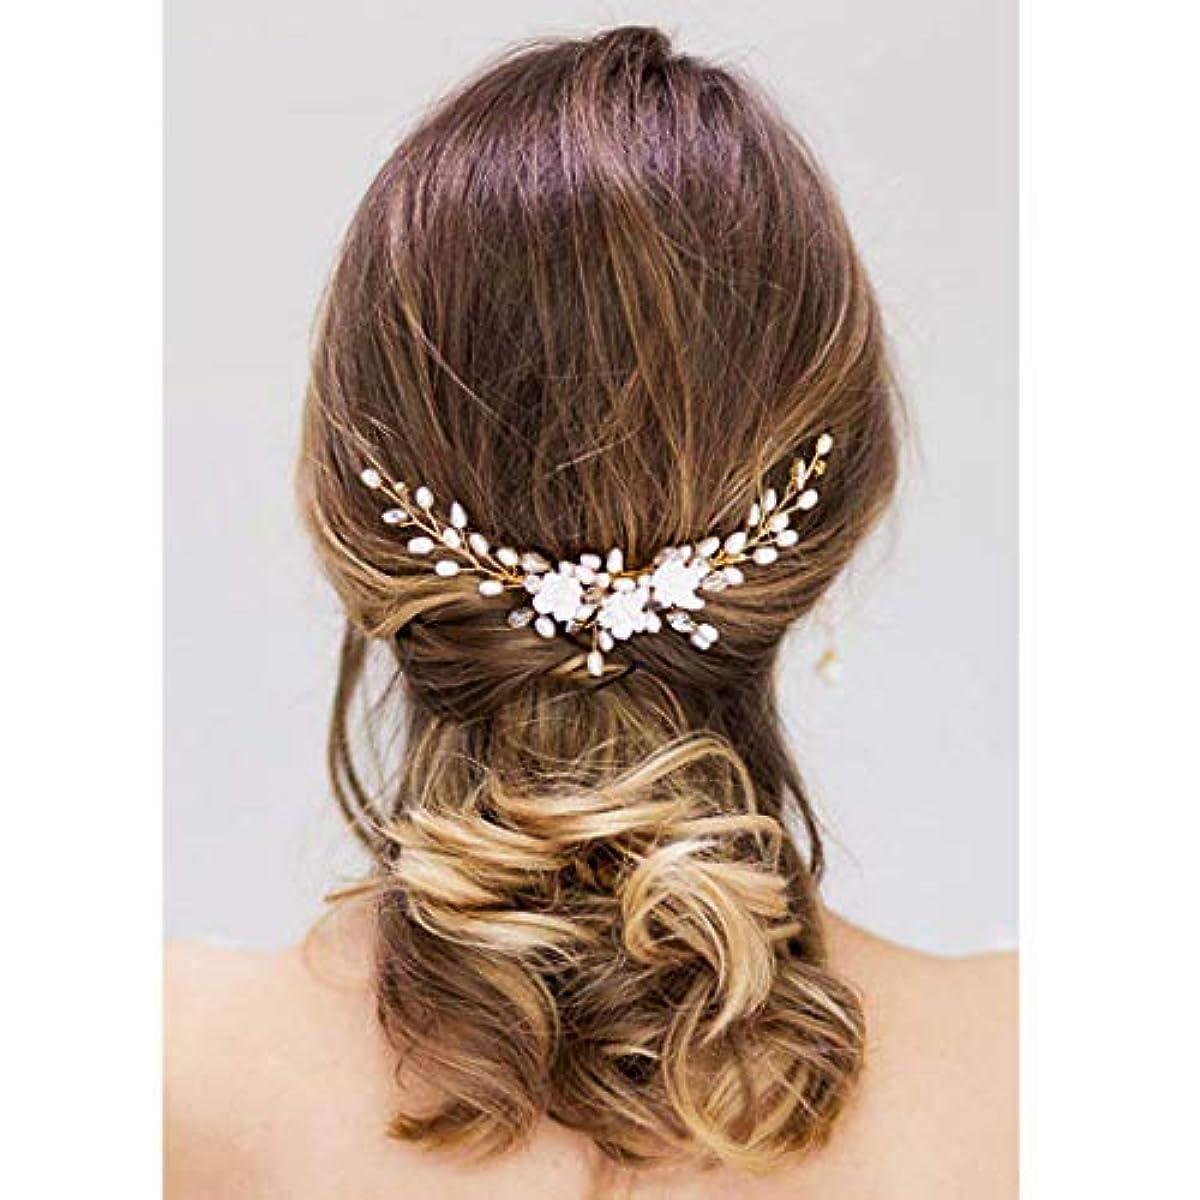 ペア作成者滑り台Drecode Bride Wedding Hair Comb Flower Headpiece Pearl Rhinestone Hair Accessories for Women and Girls [並行輸入品]